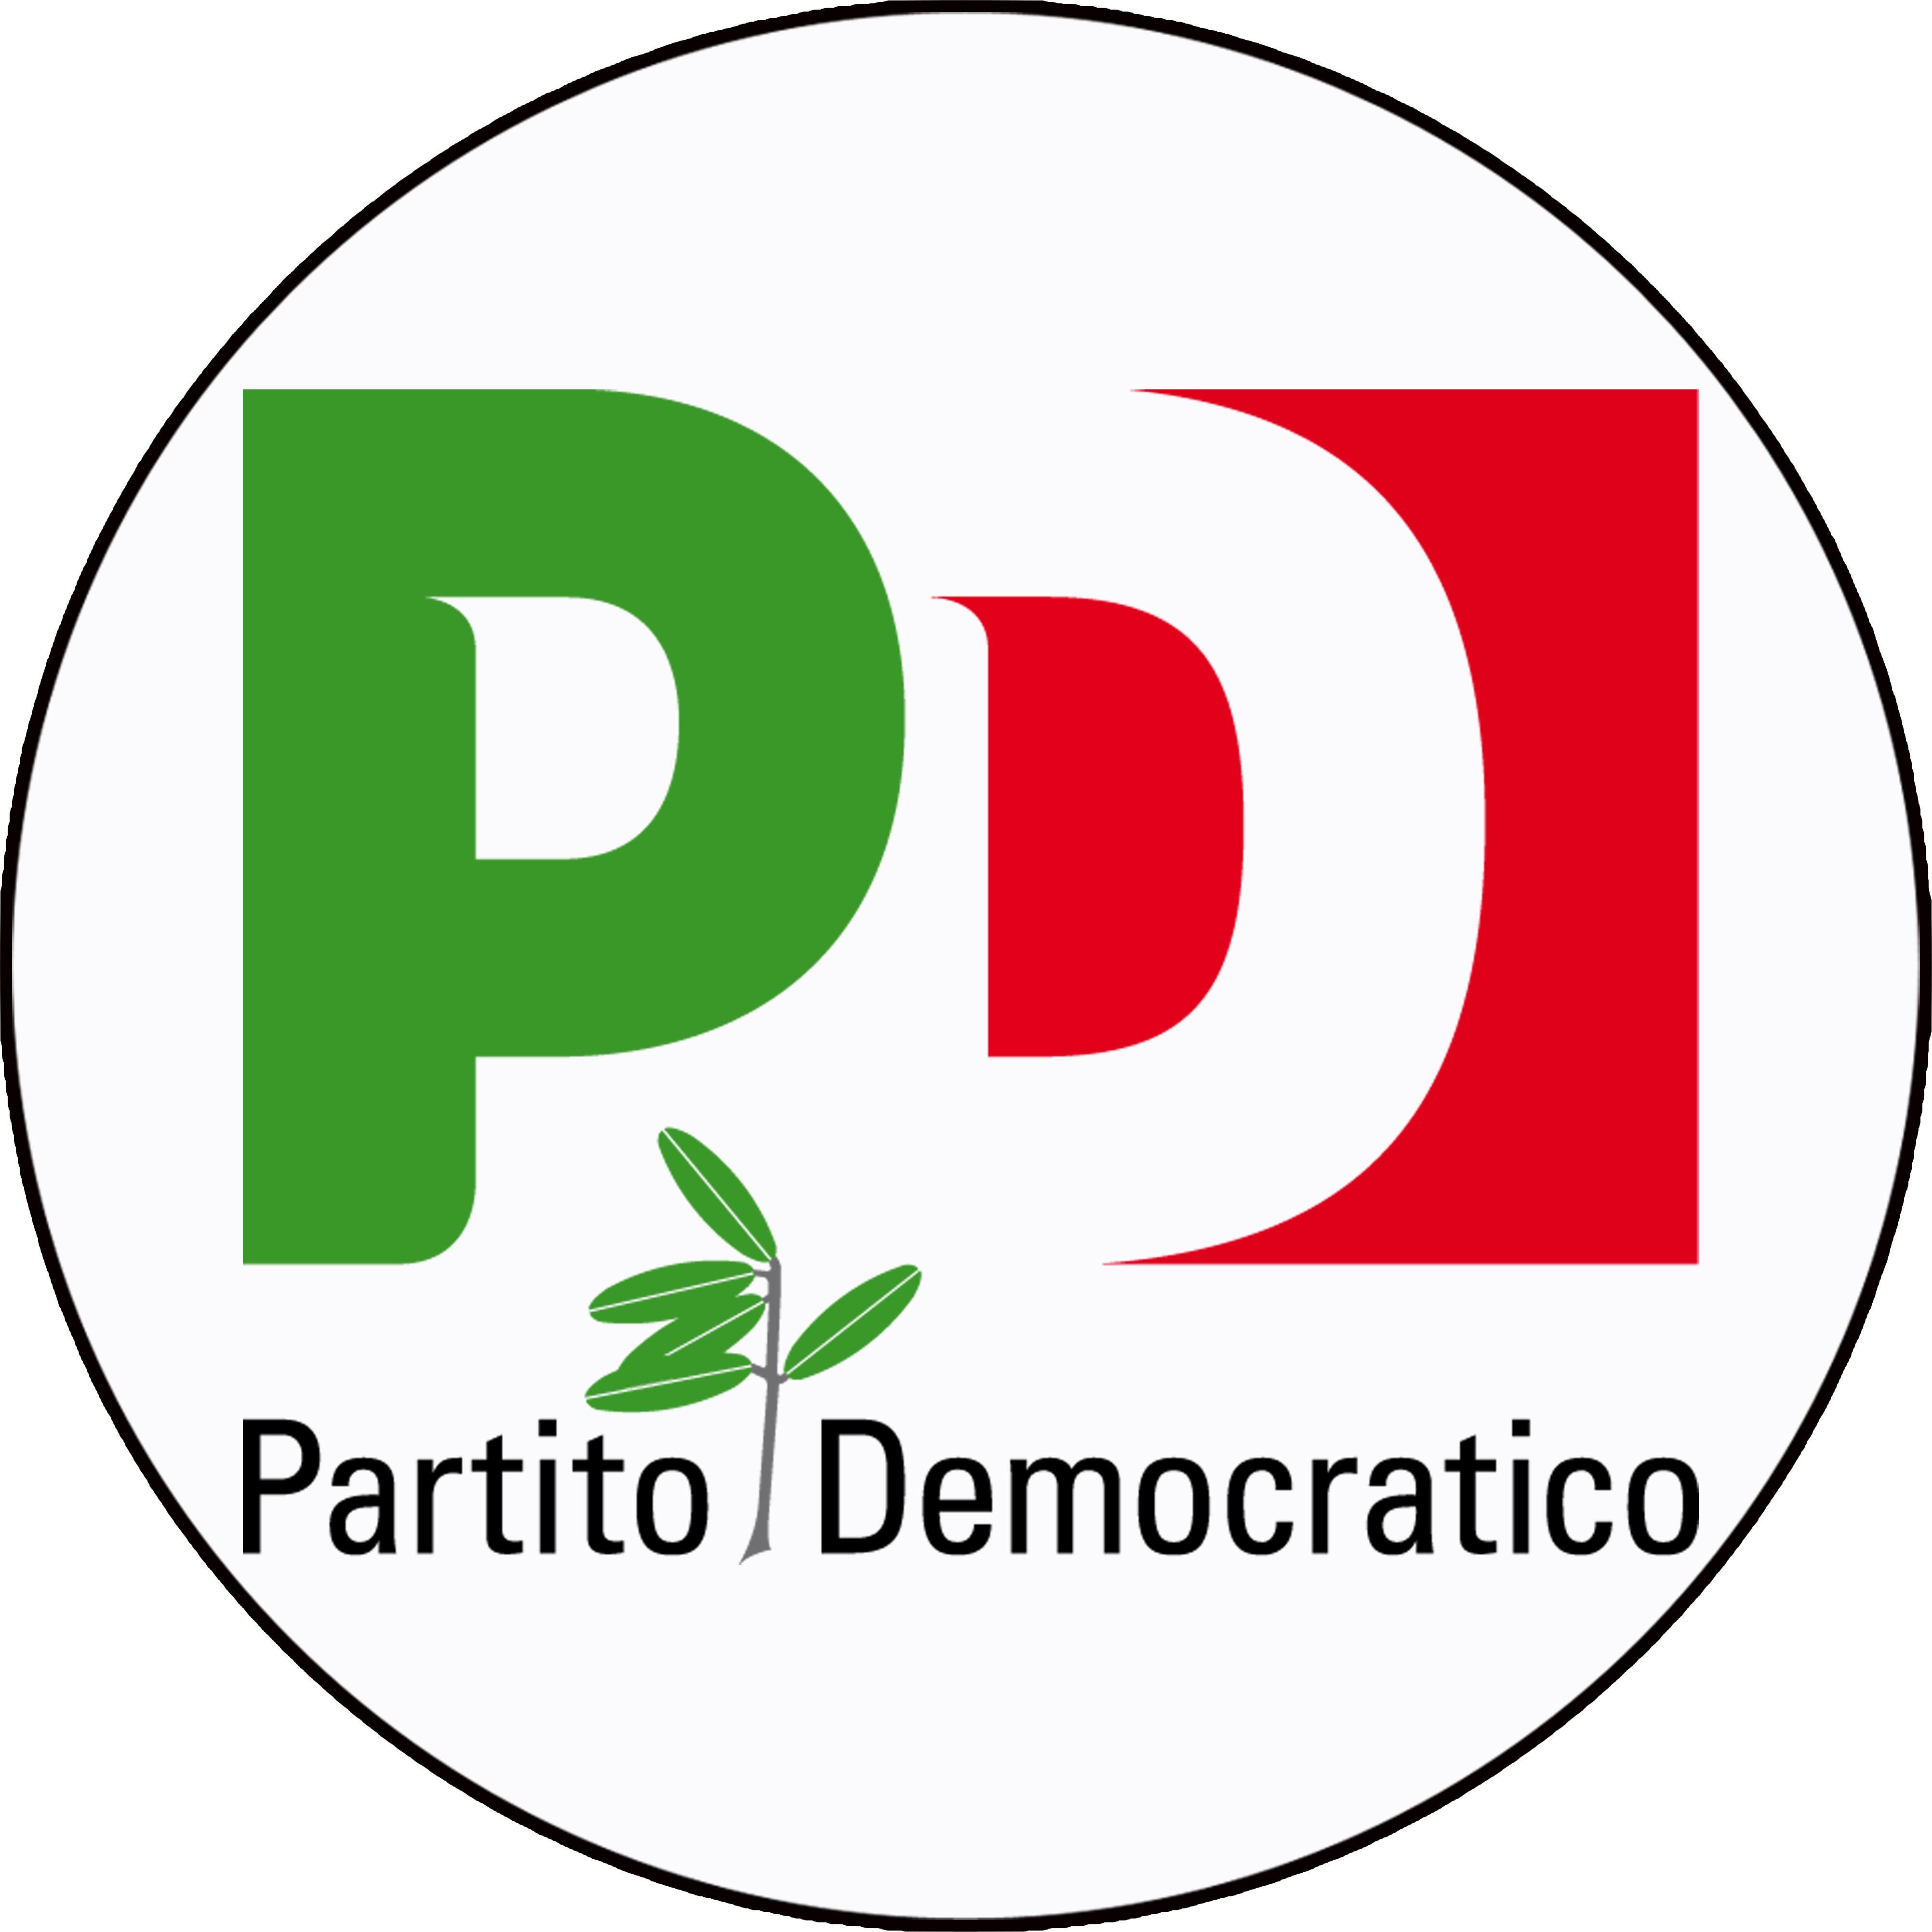 Unione Comunale Partito Democratico Poggibonsi